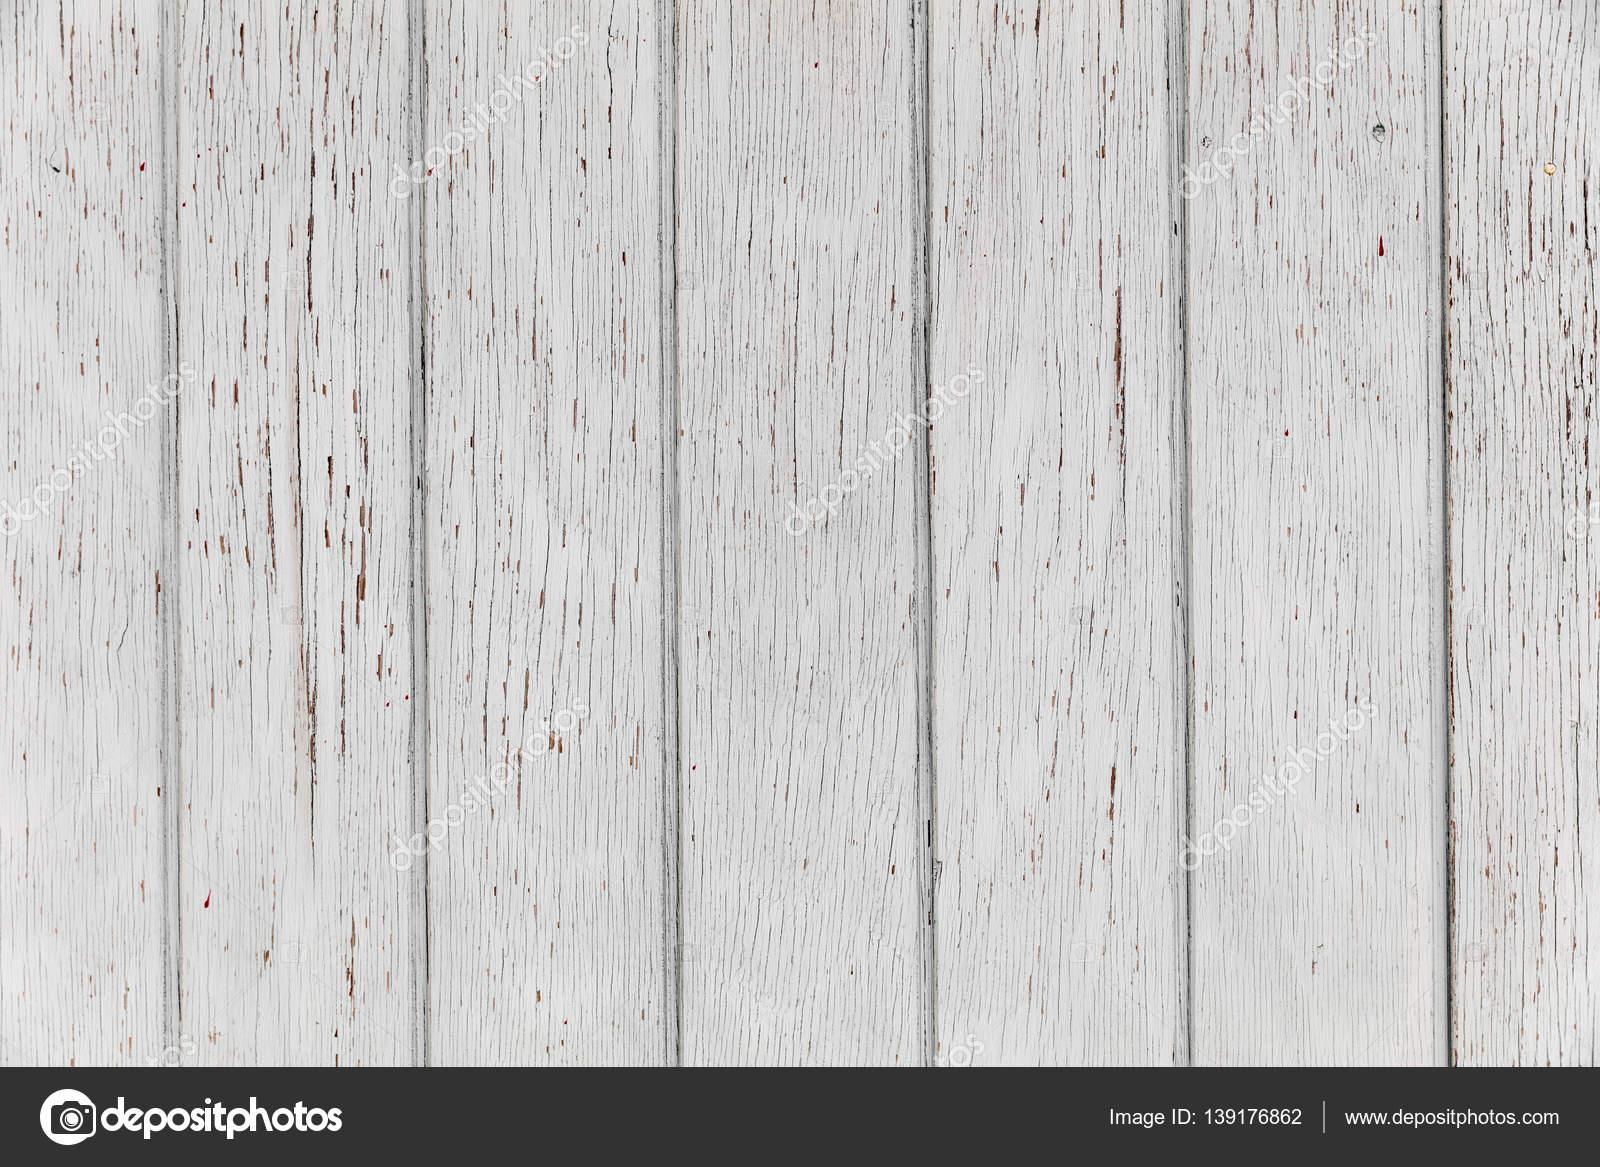 Pared de madera blanca tableros viejo blanco fondo - Pintura lacada blanca para madera ...